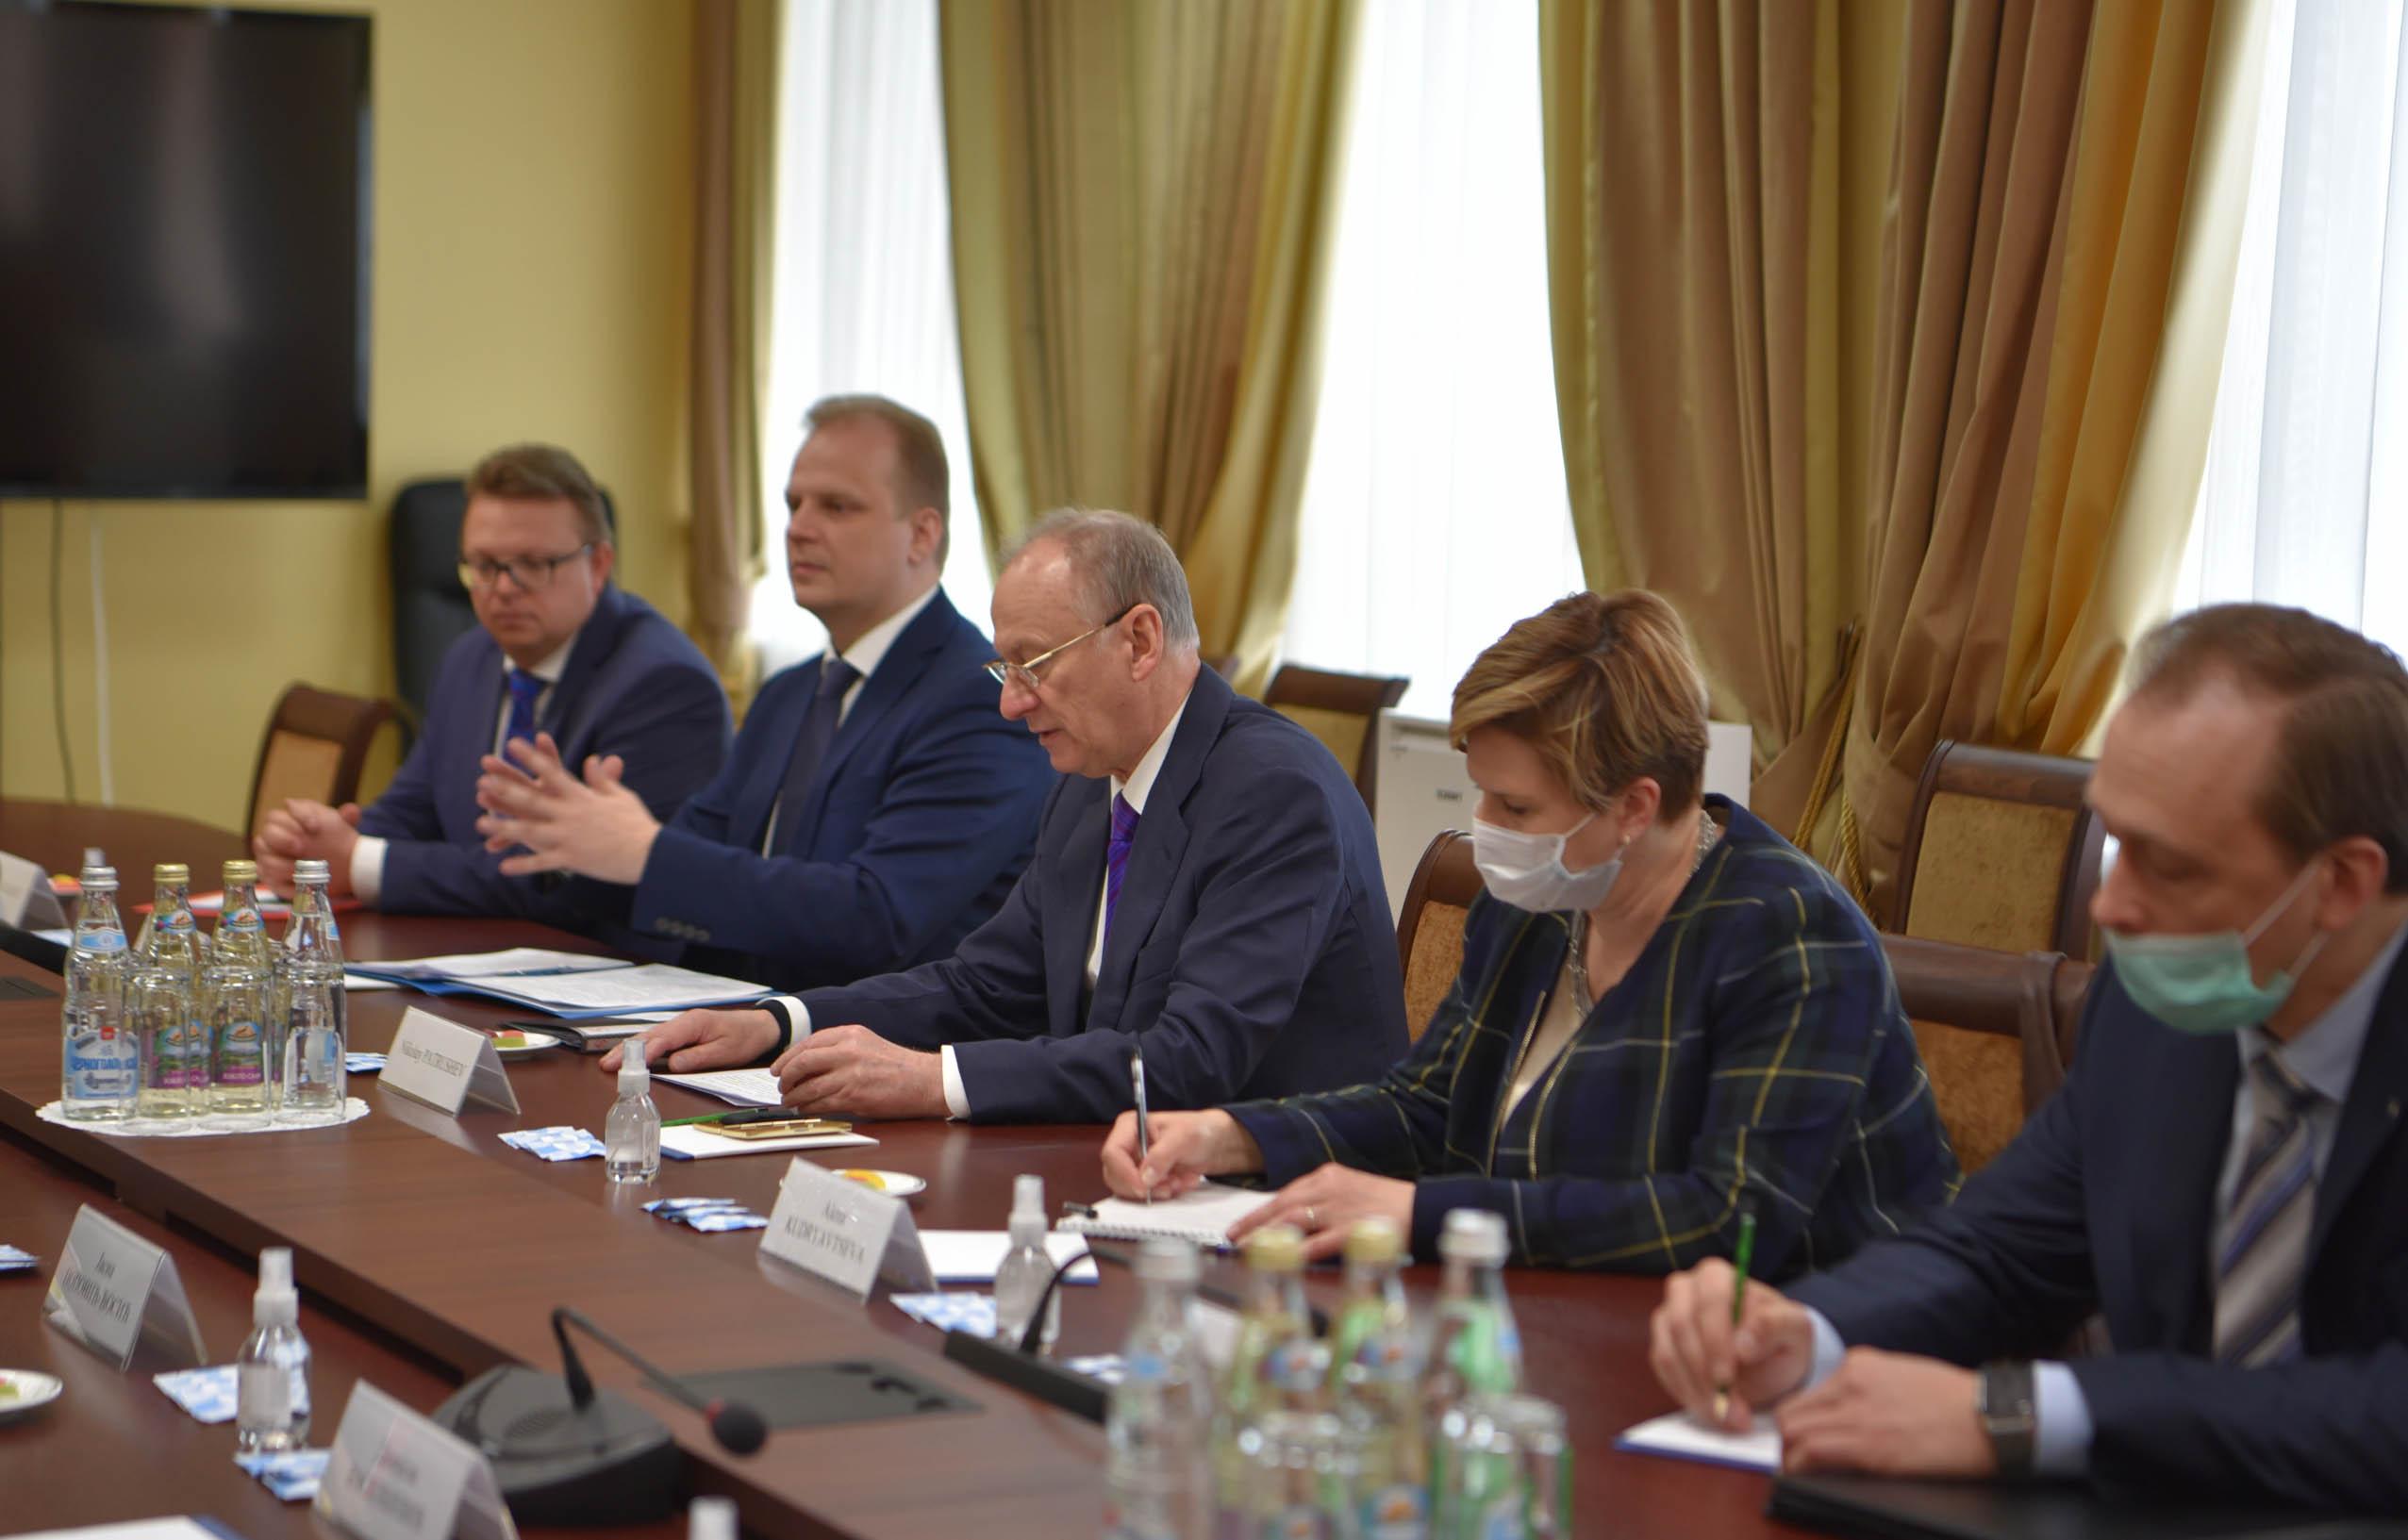 Вулин у Москви: Србија се неће придружити антируској хистерији и неће увести санкције Русији